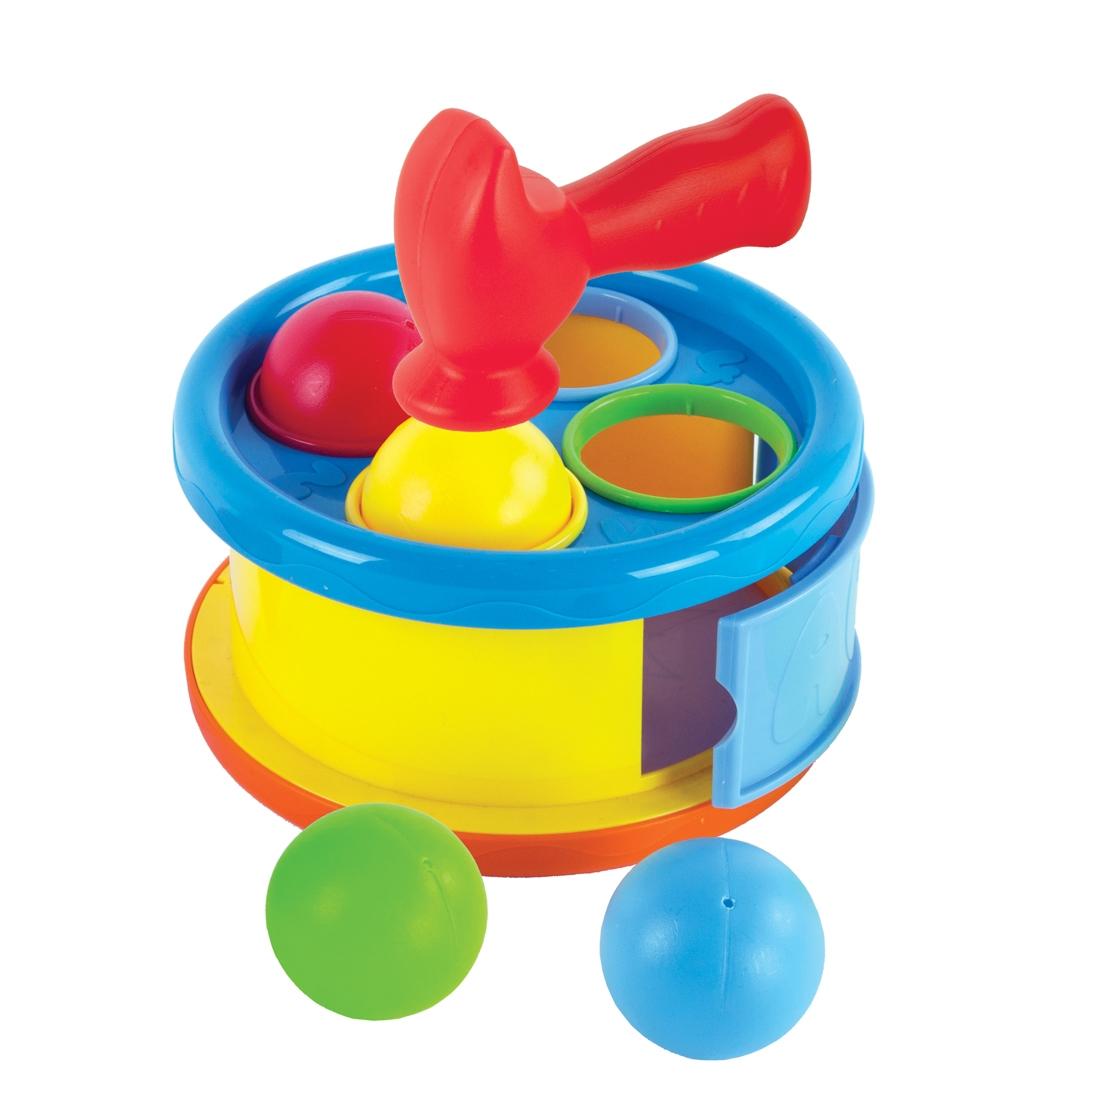 Развивающая игрушка Наша игрушка Бей в барабан